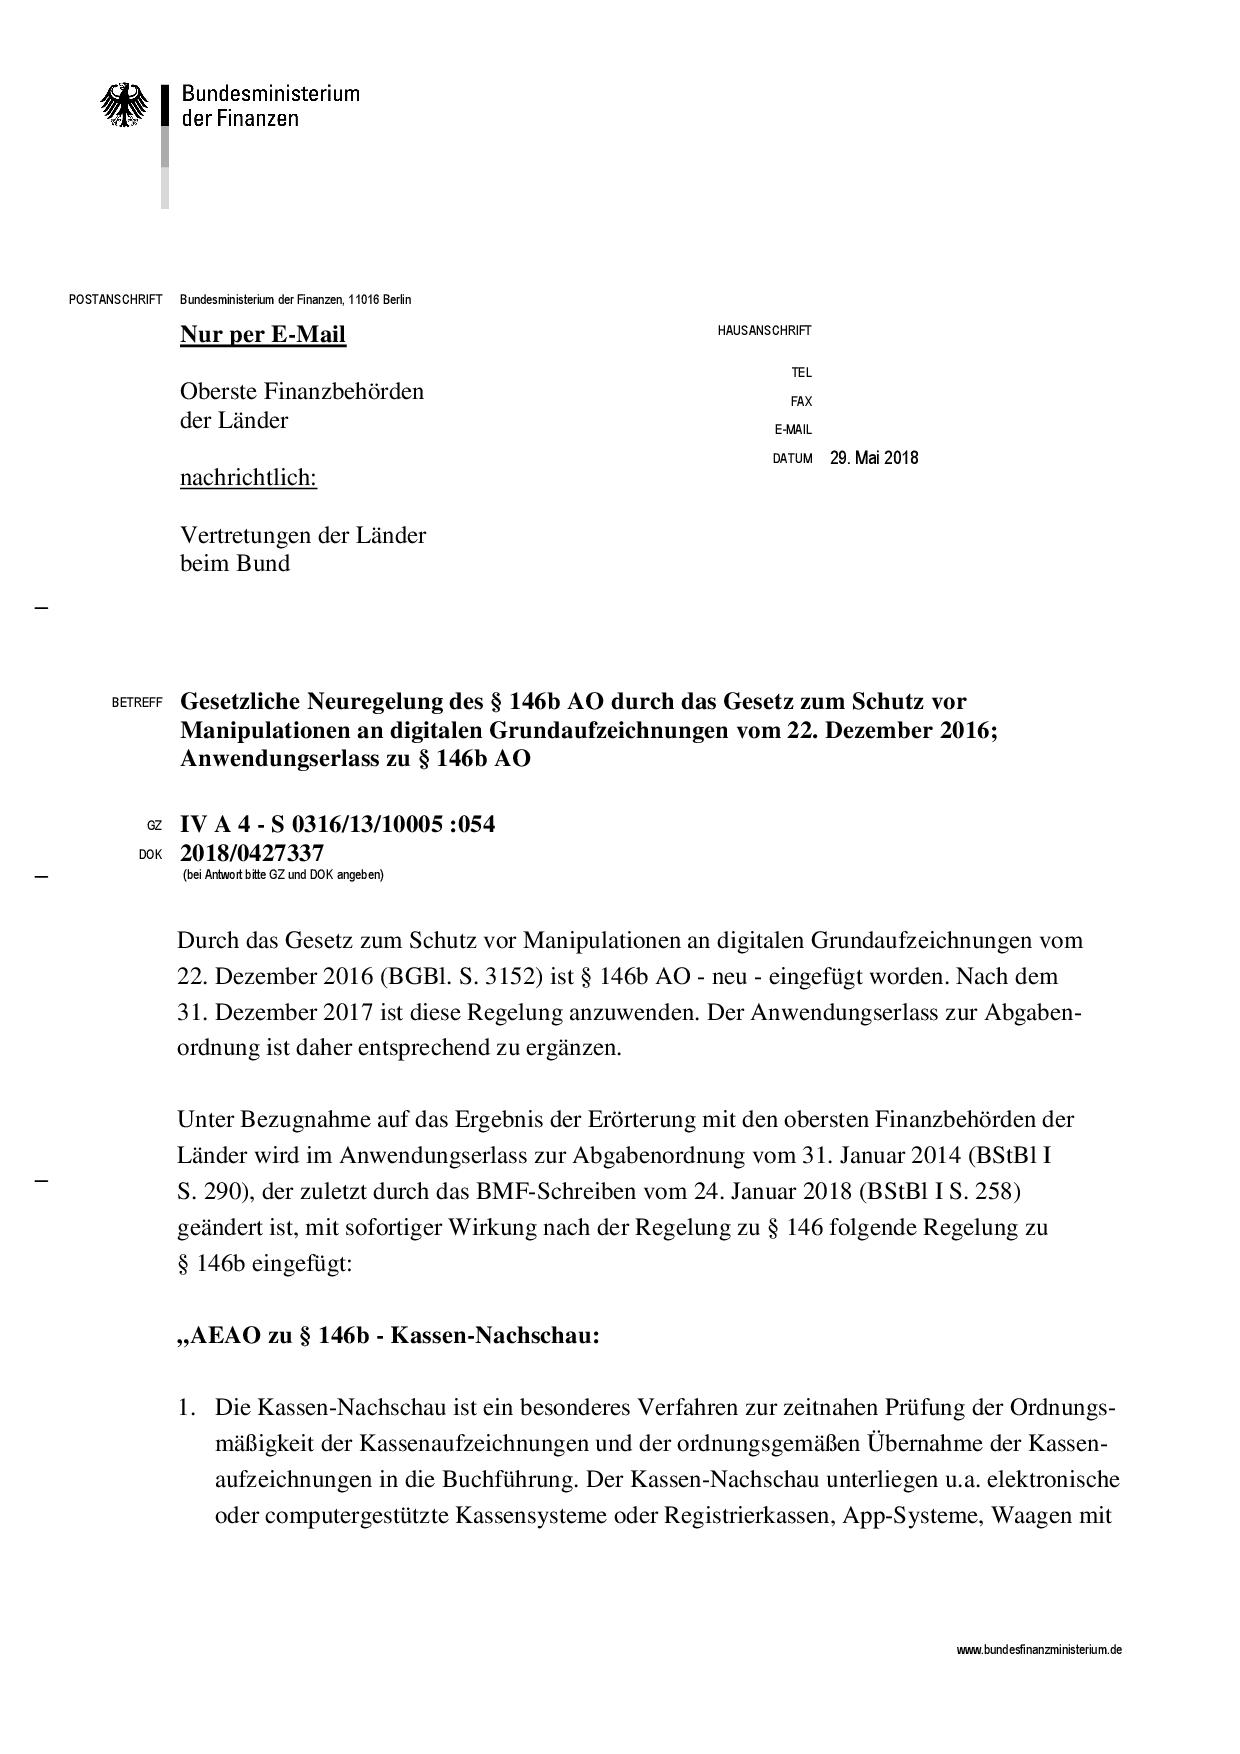 Gesetzliche Neuregelung des § 146b AO durch das Gesetz zum Schutz vor Manipulationen an digitalen Grundaufzeichnungen vom 22. Dezember 2016; Anwendungserlass zu § 146b AO